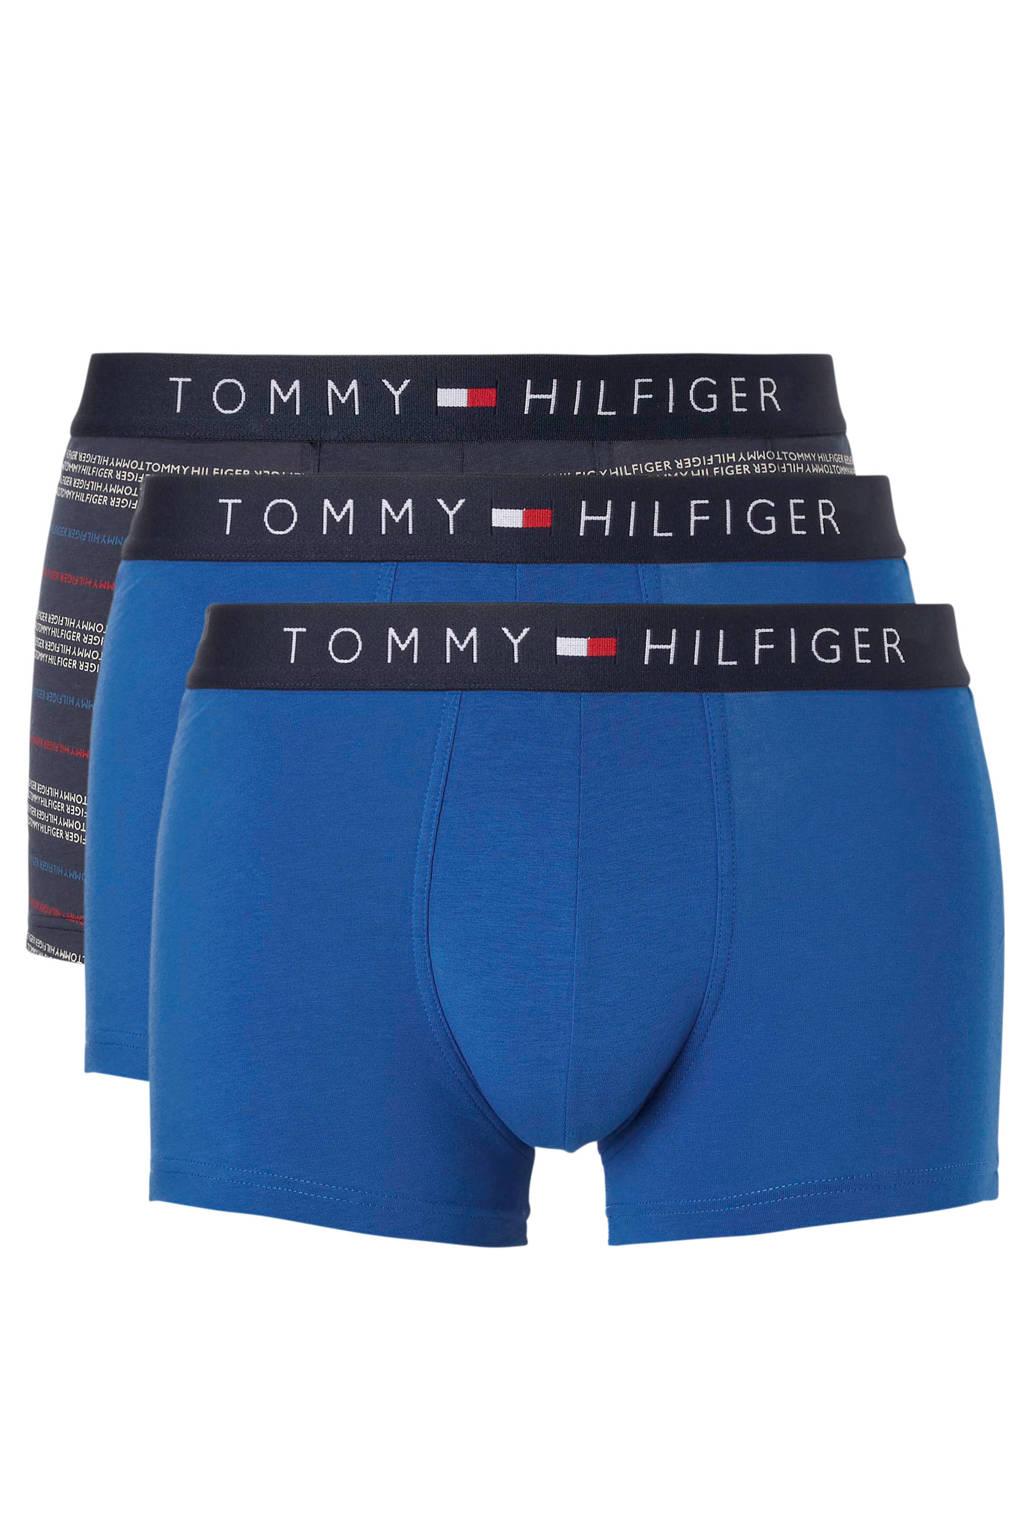 Tommy Hilfiger boxershort (set van 2), Marine/blauw